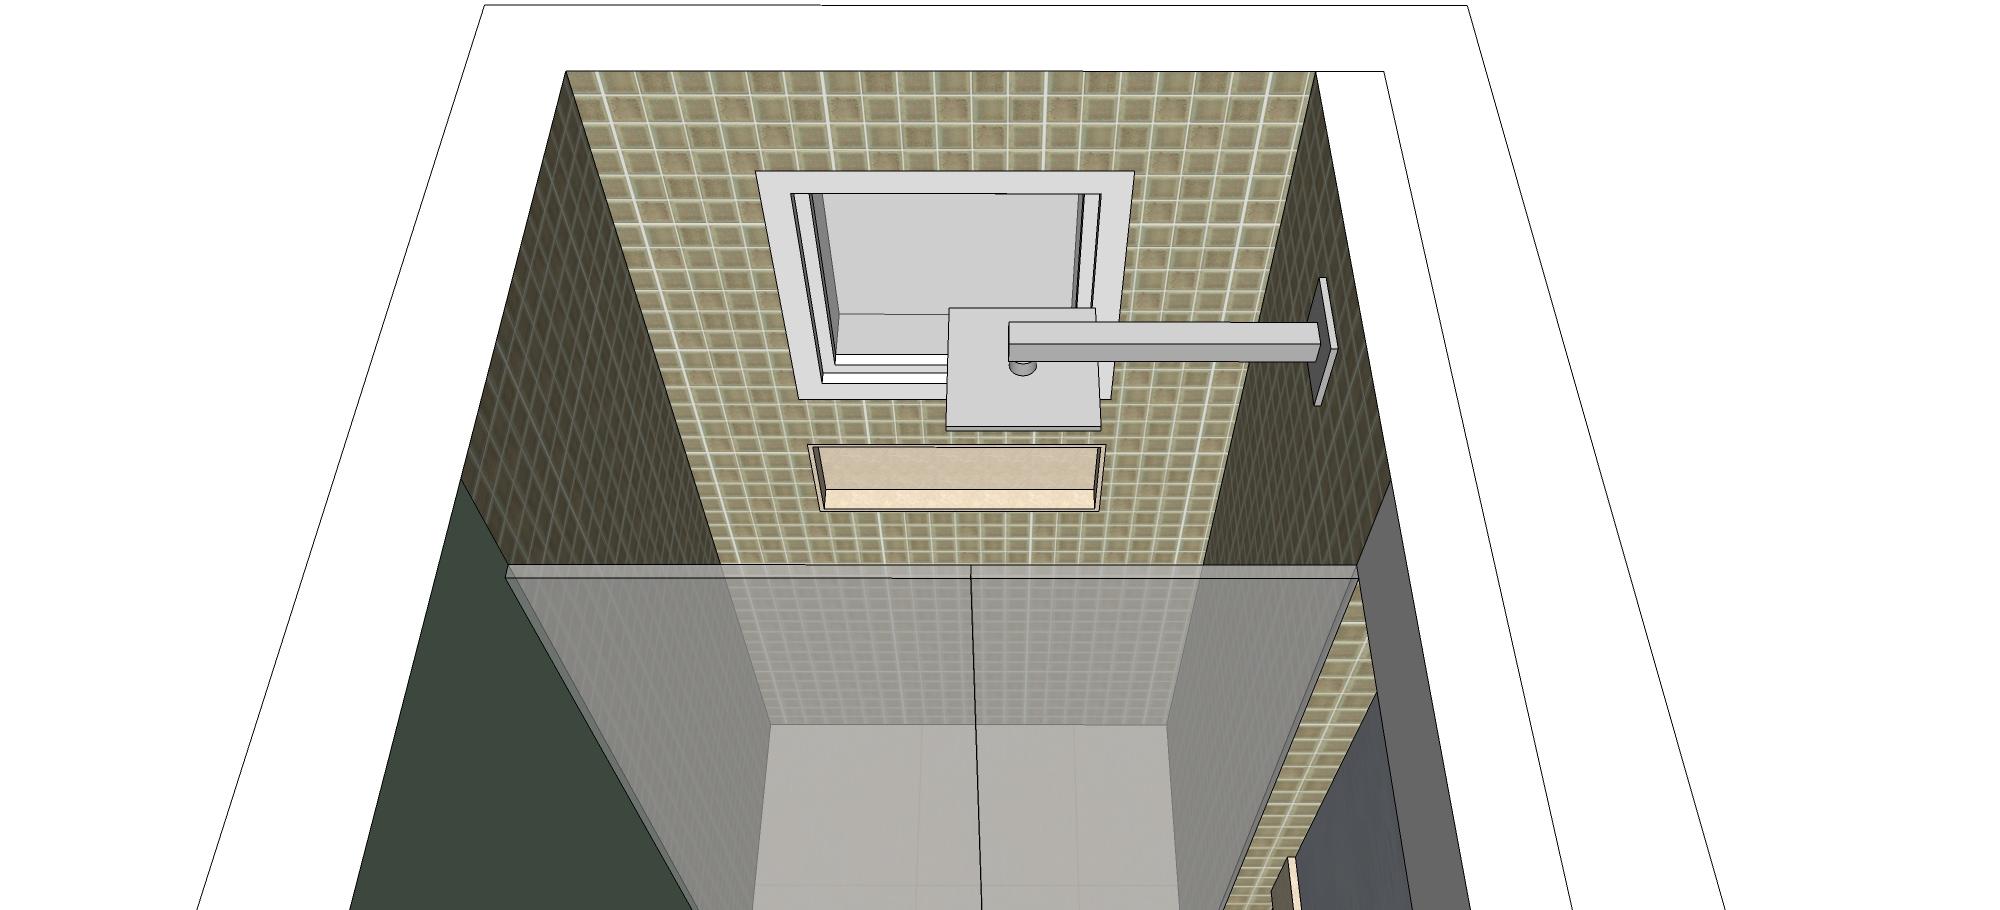 Imagens de #746F57 Proposta banheiro – Ane C. – KzaBlog Casa e Decoração 2000x910 px 2840 Box Banheiro Lar Center